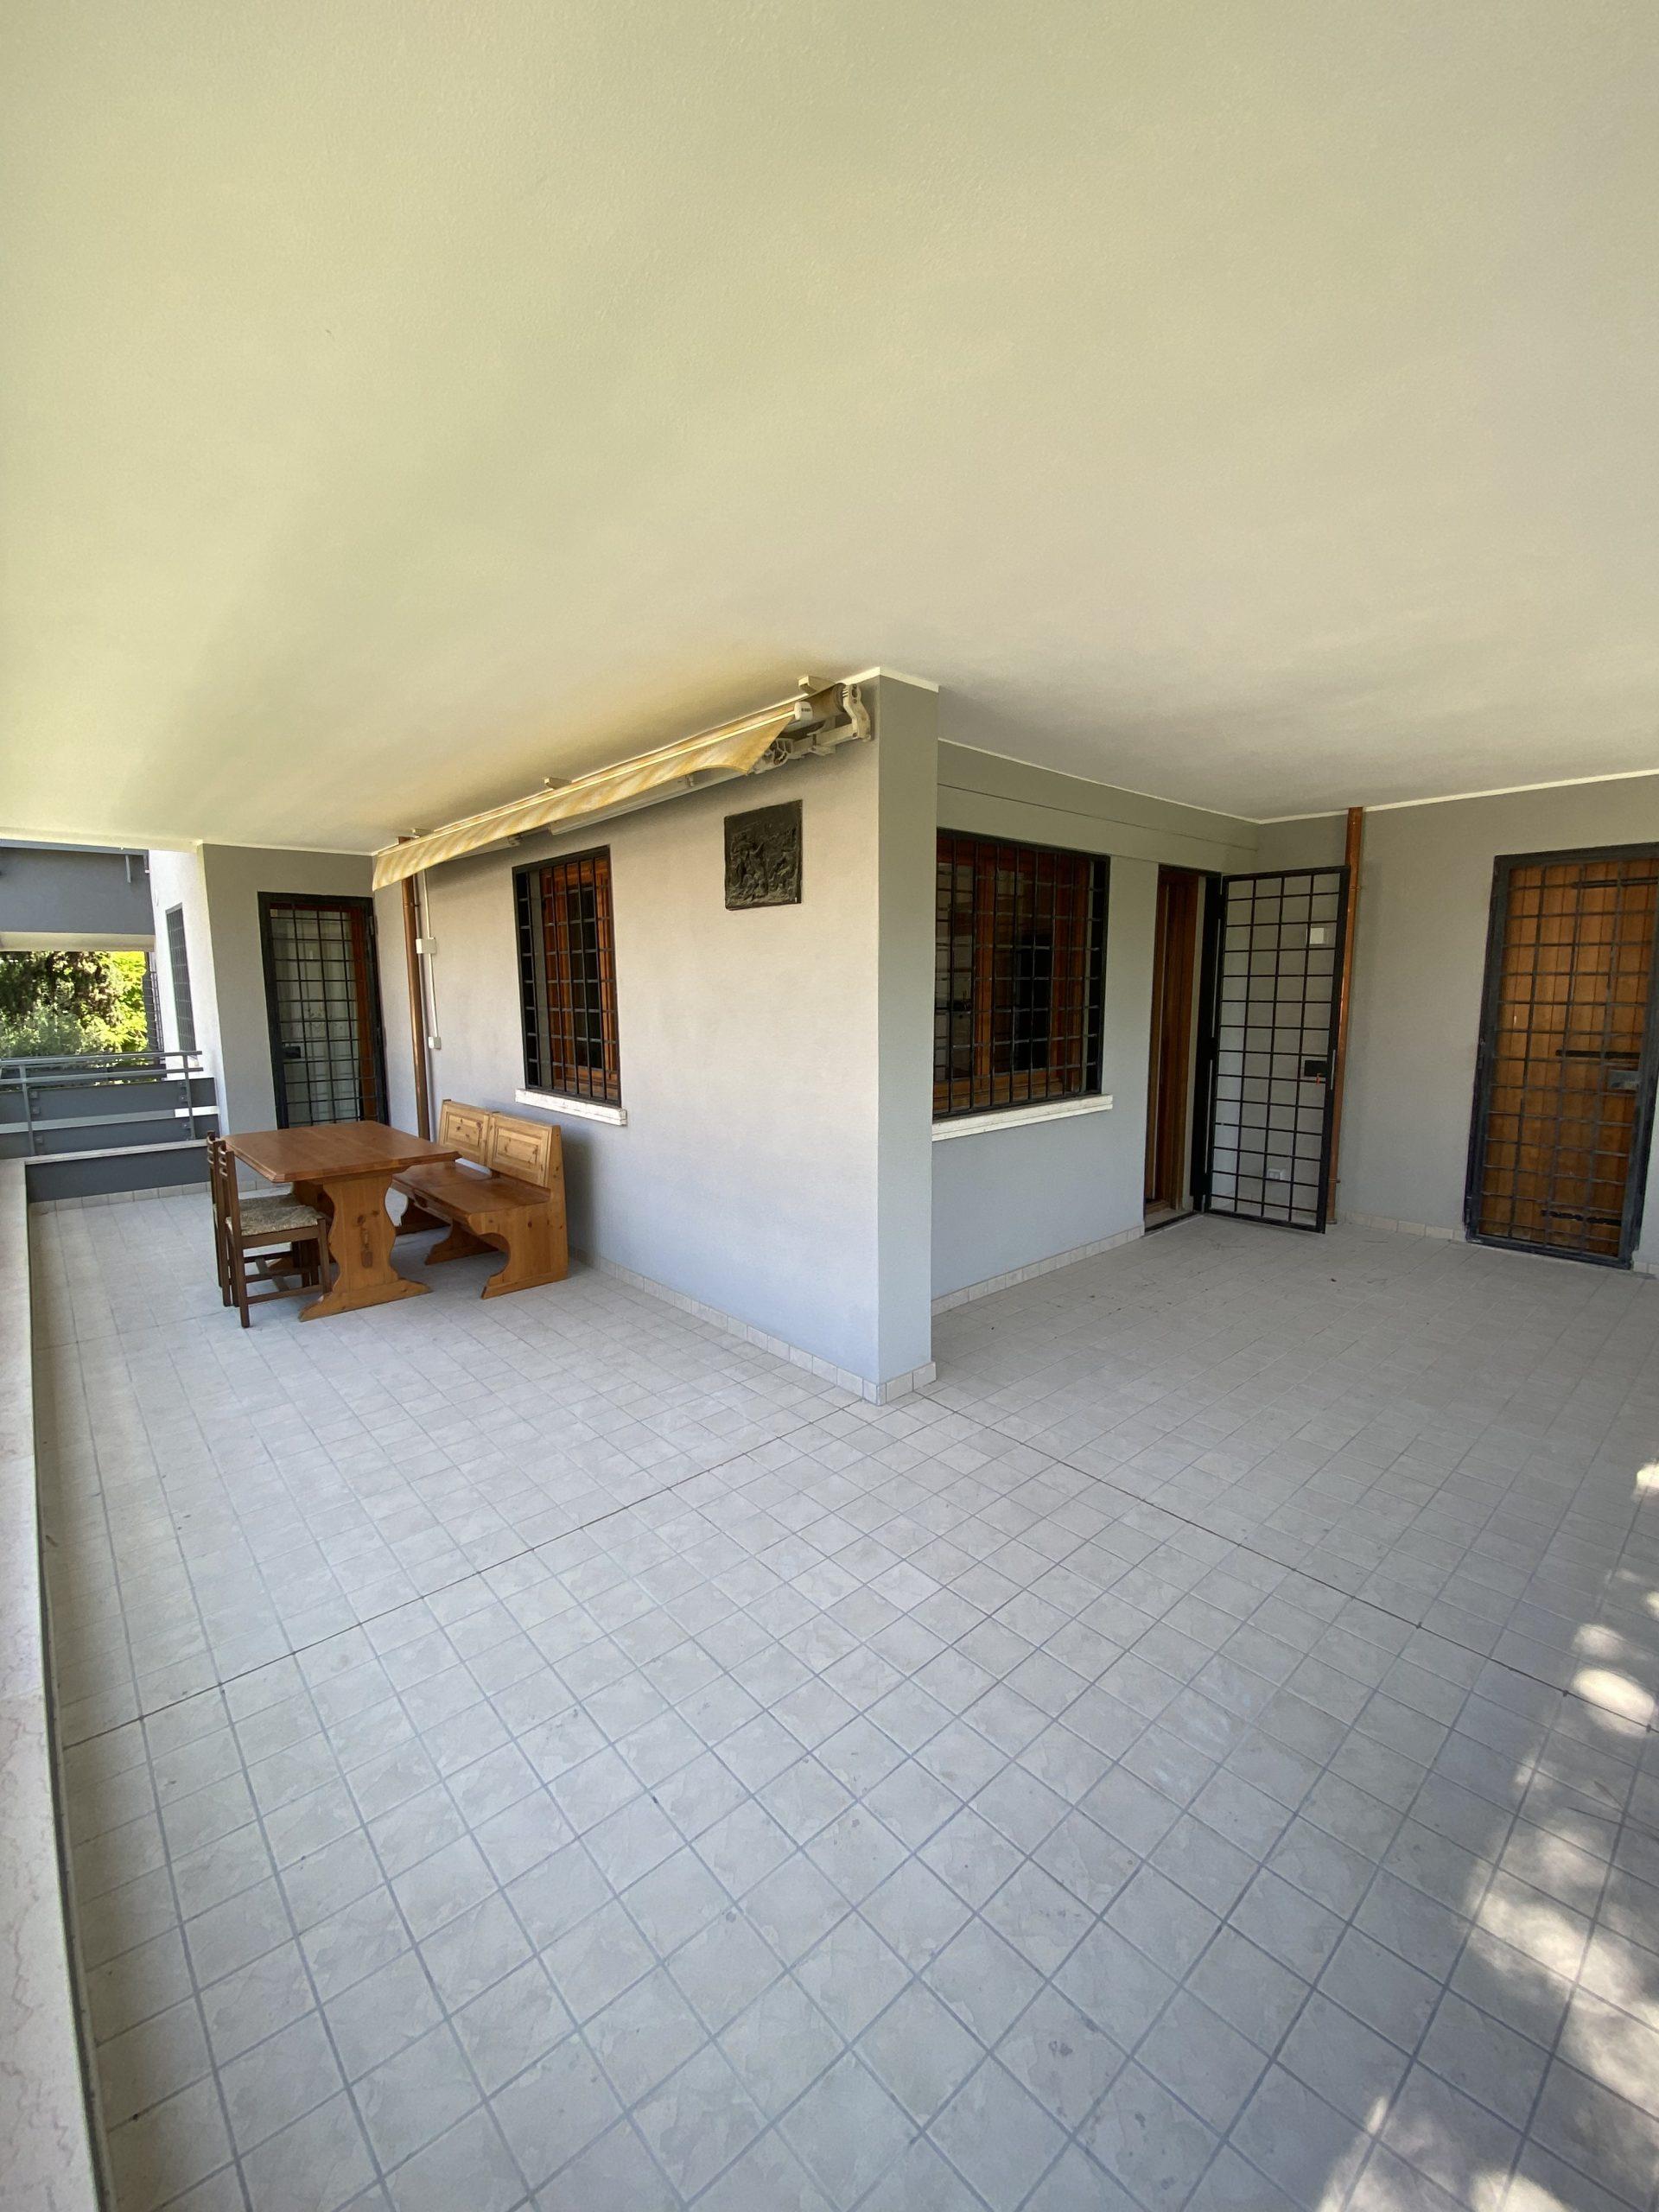 RICCIONE ABISSINIA: 3 camere da letto e terrazzo abitabile affitto agosto